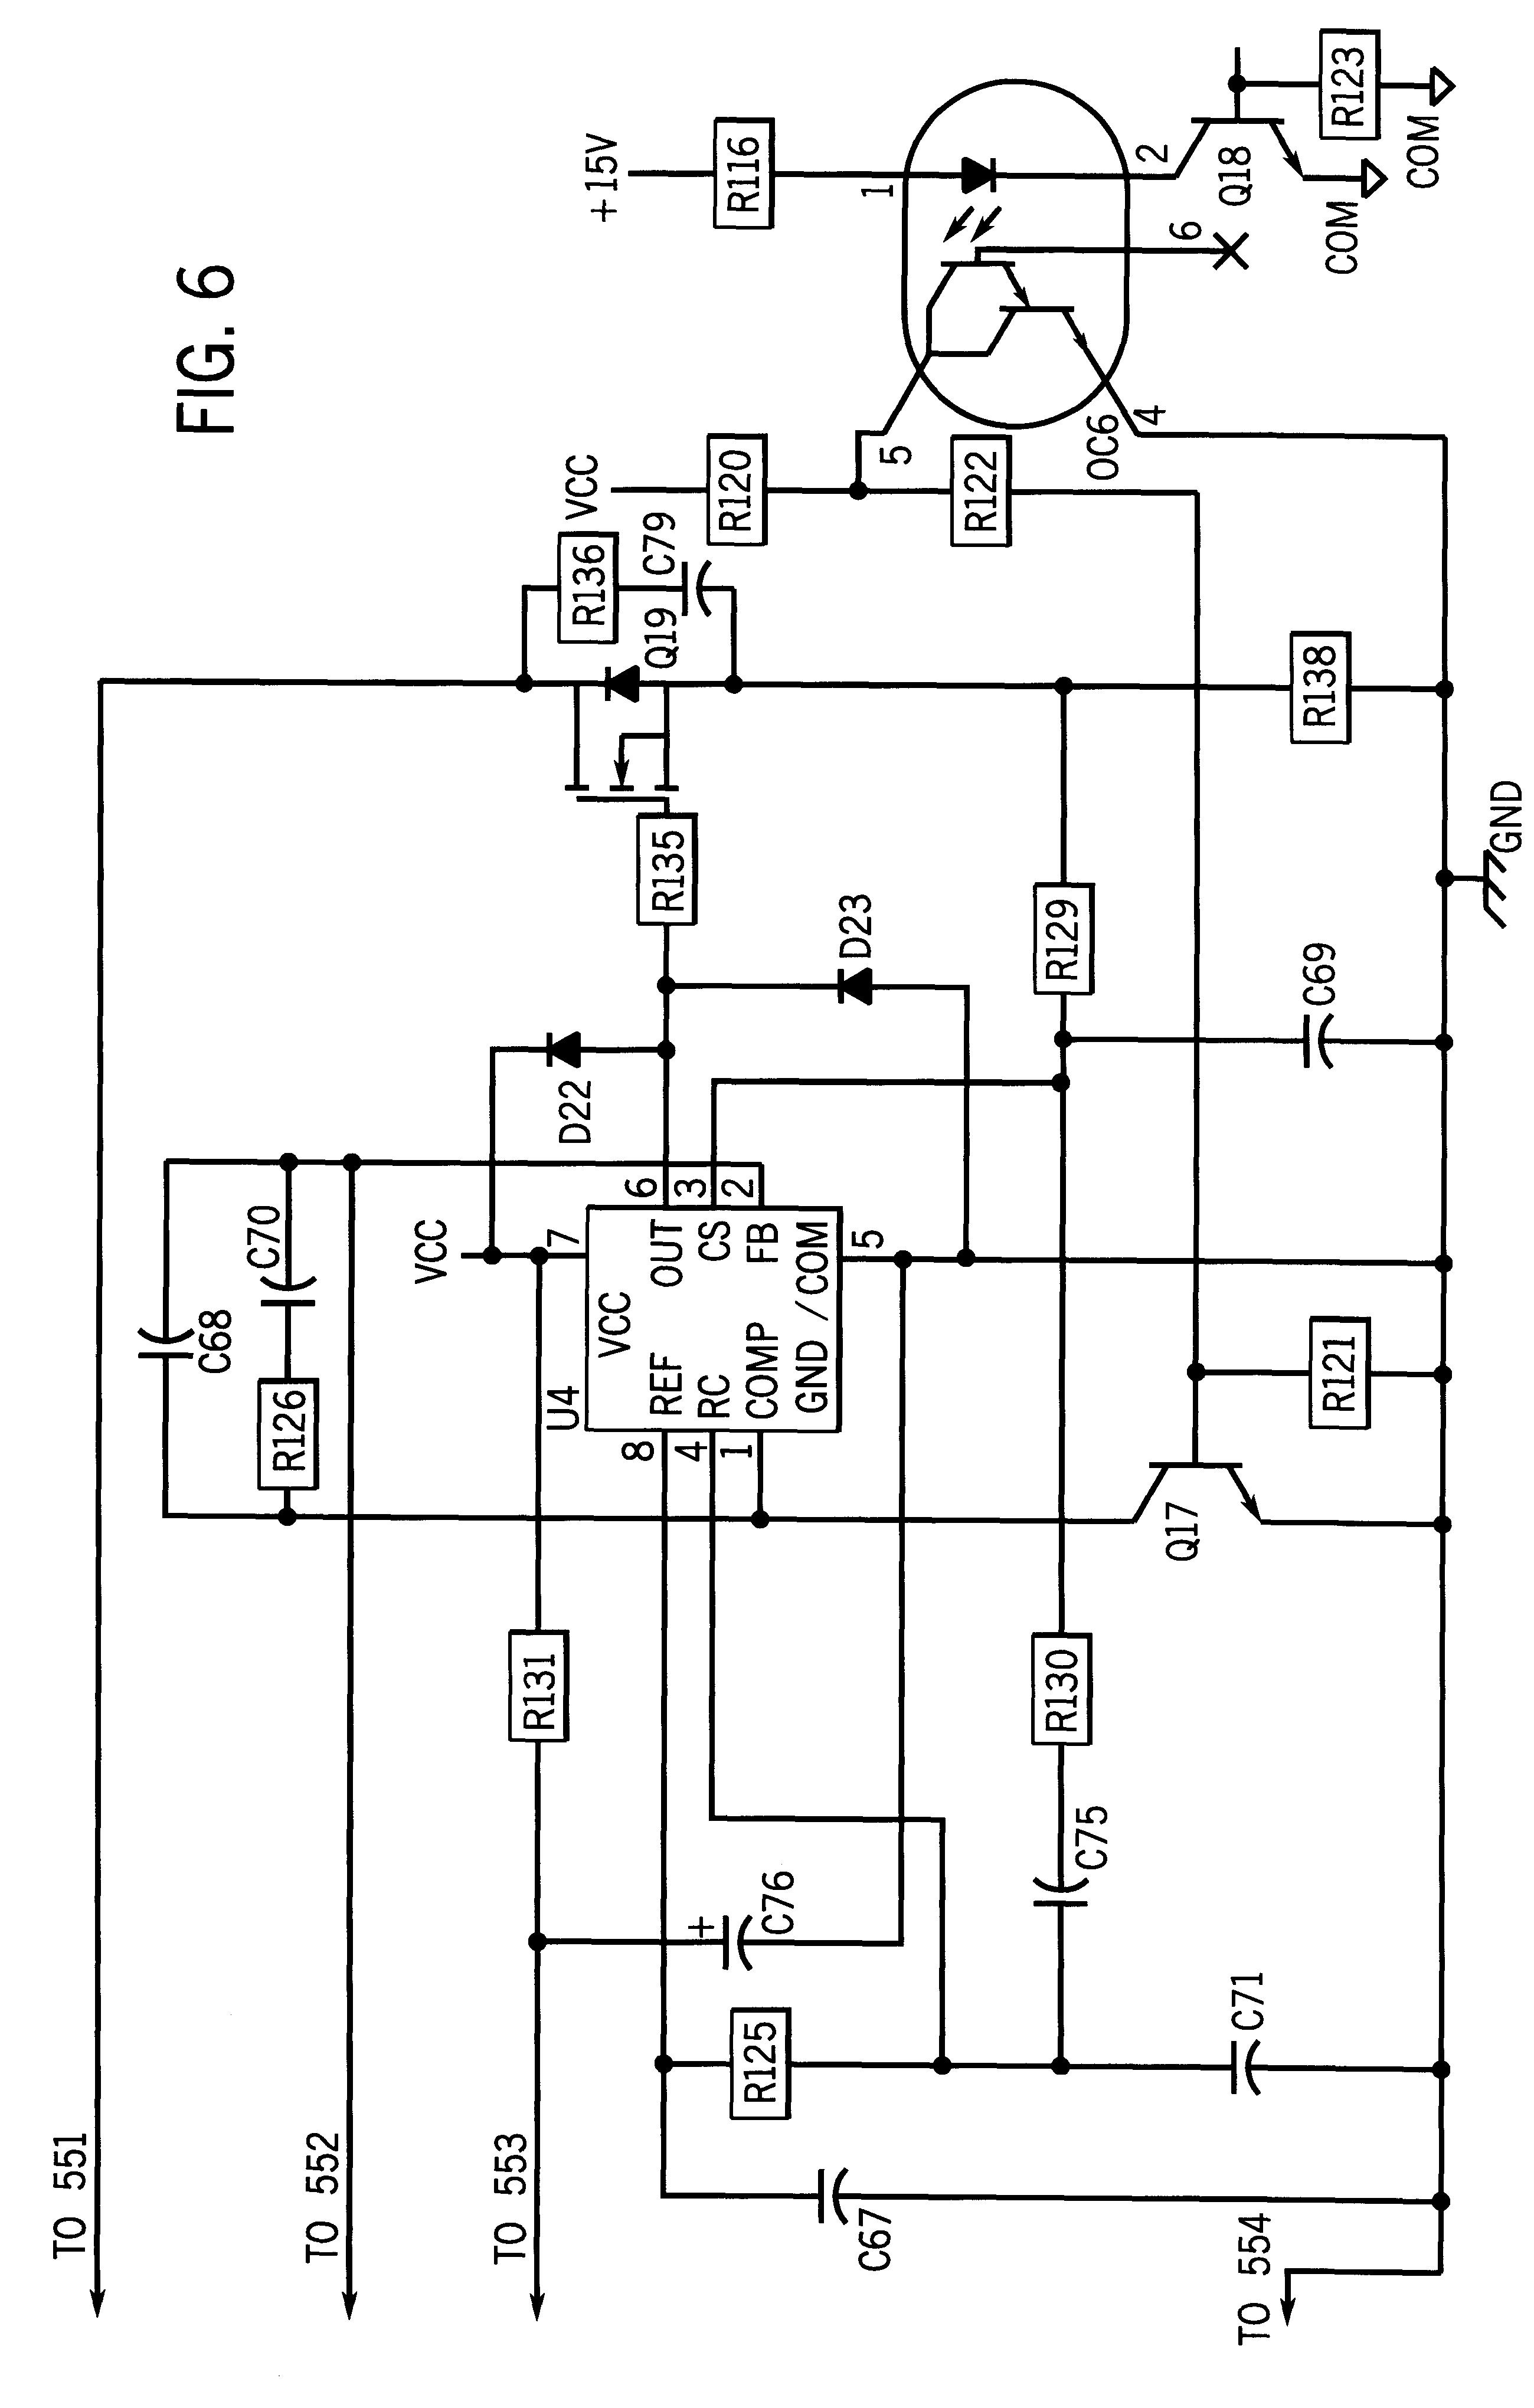 patent us6194682